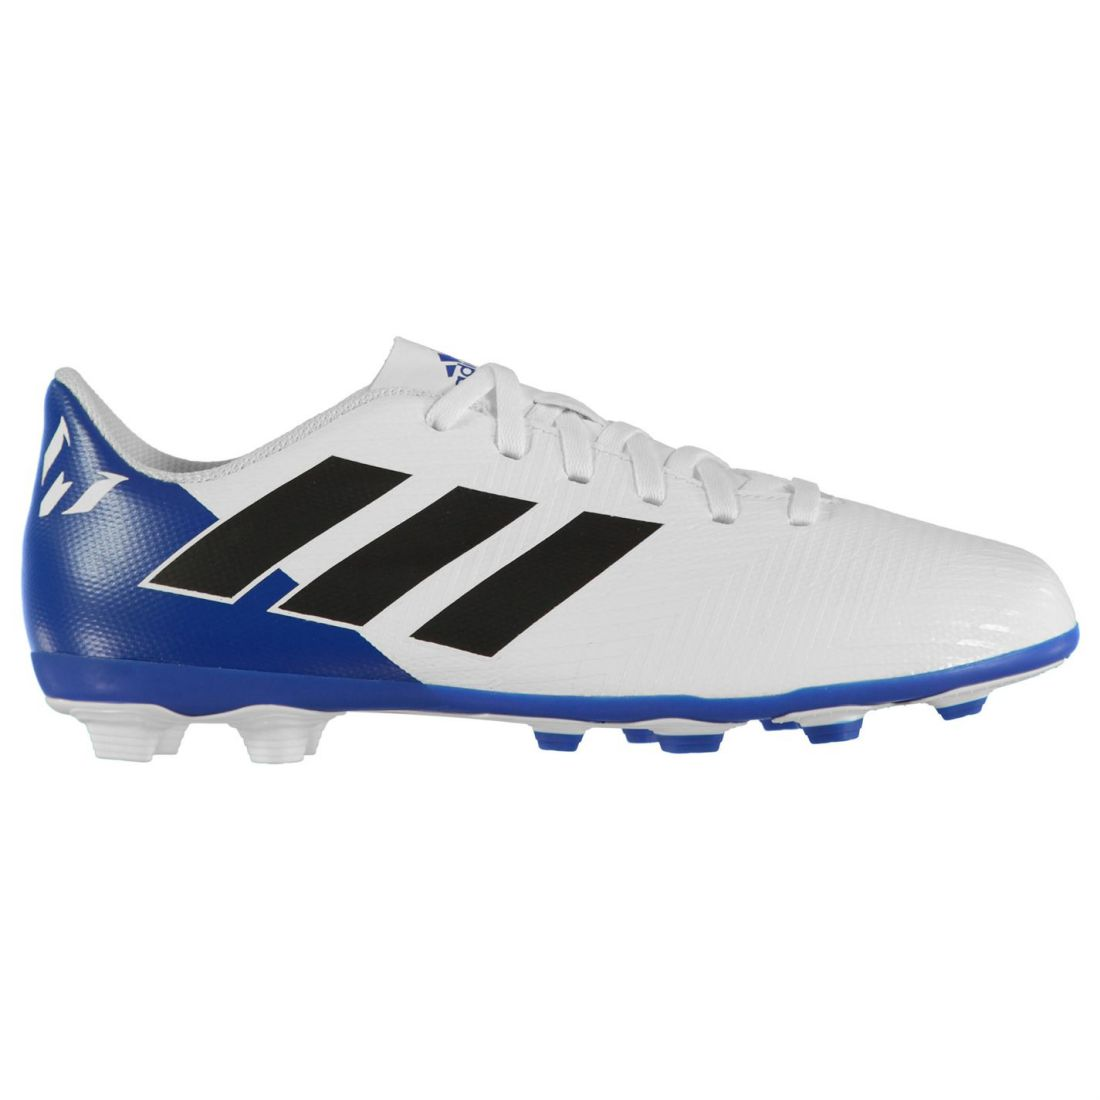 1d9f34017 Adidas Kids Boys NemzMess18.4FGCh92 Firm Ground Football Boots